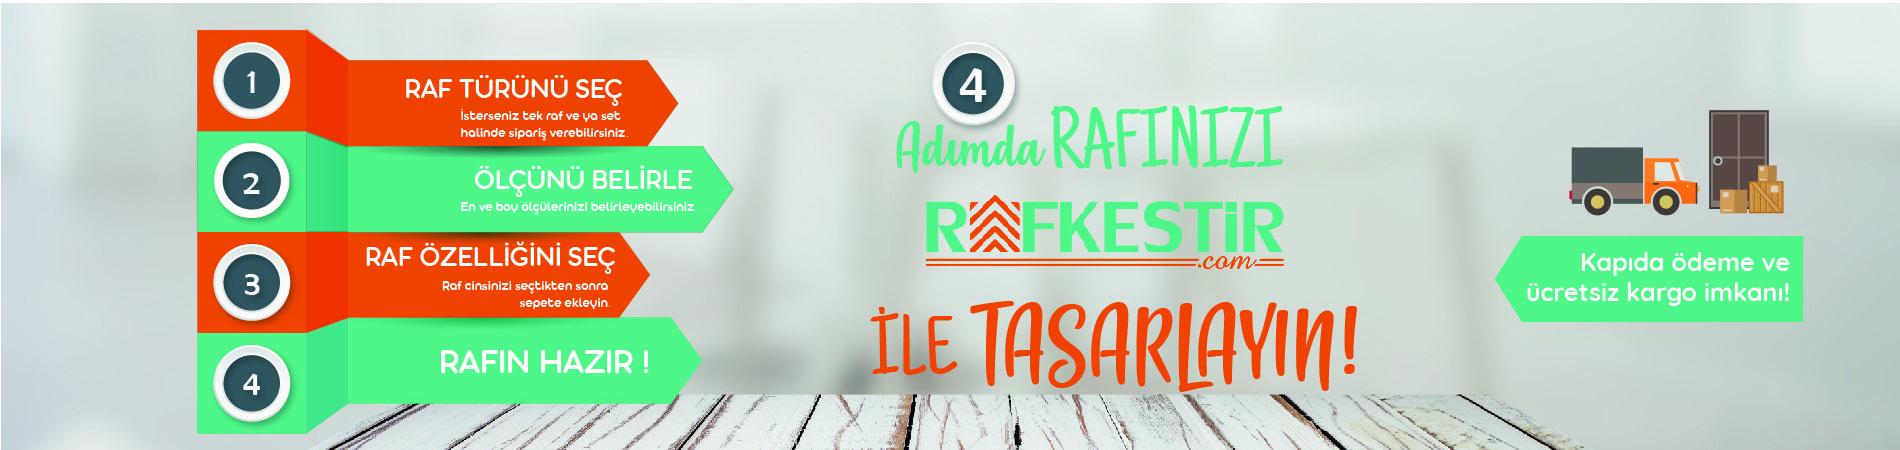 rafinizi-satarlayin-banner-1